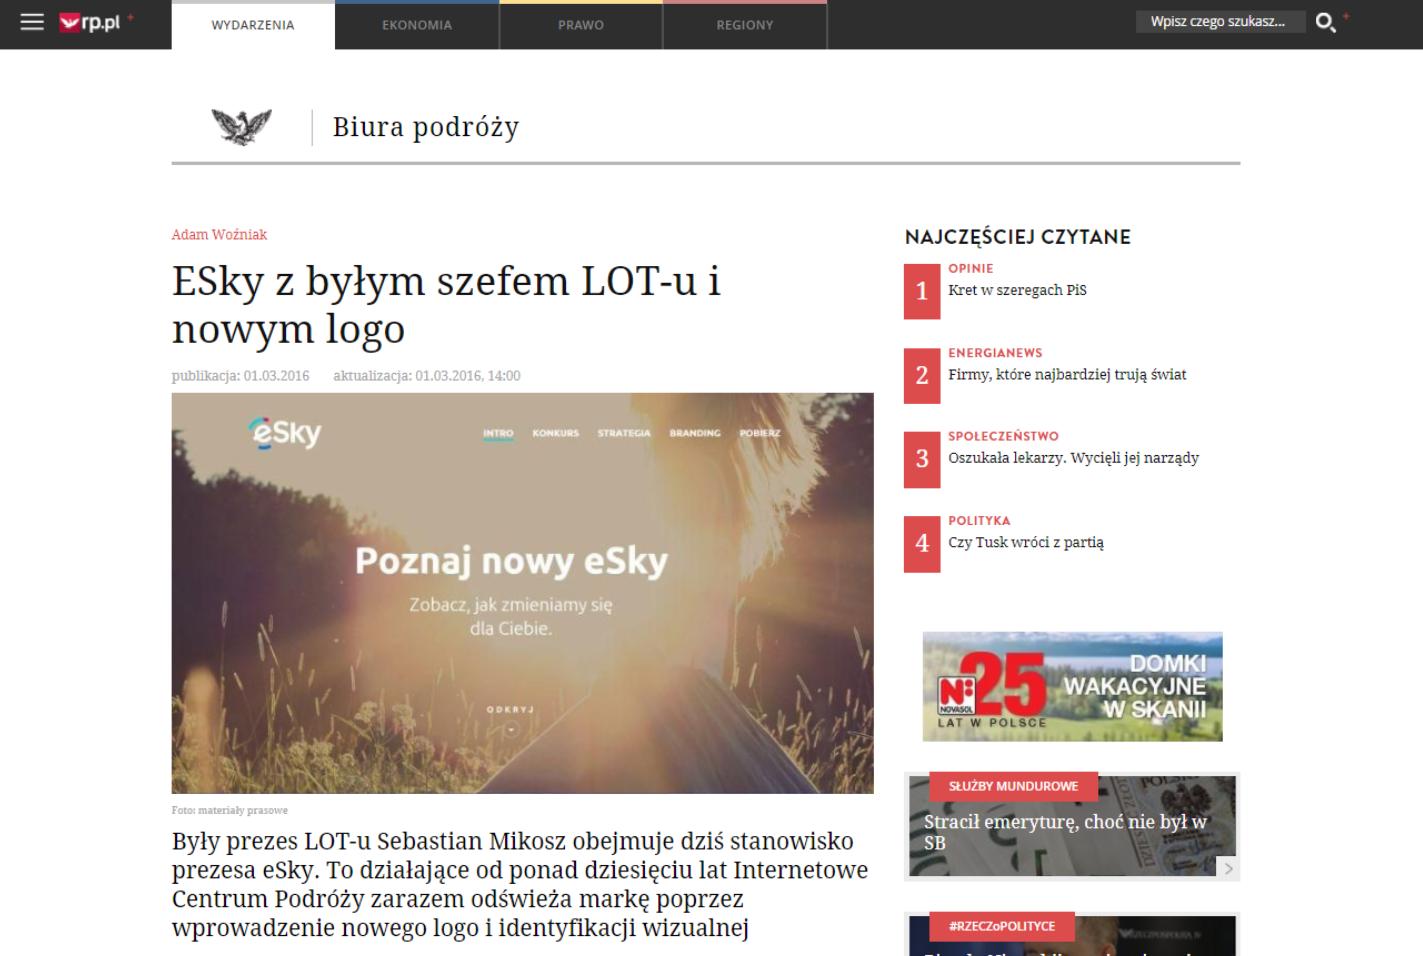 eSky z byłym szefem LOT-u i nowym logo